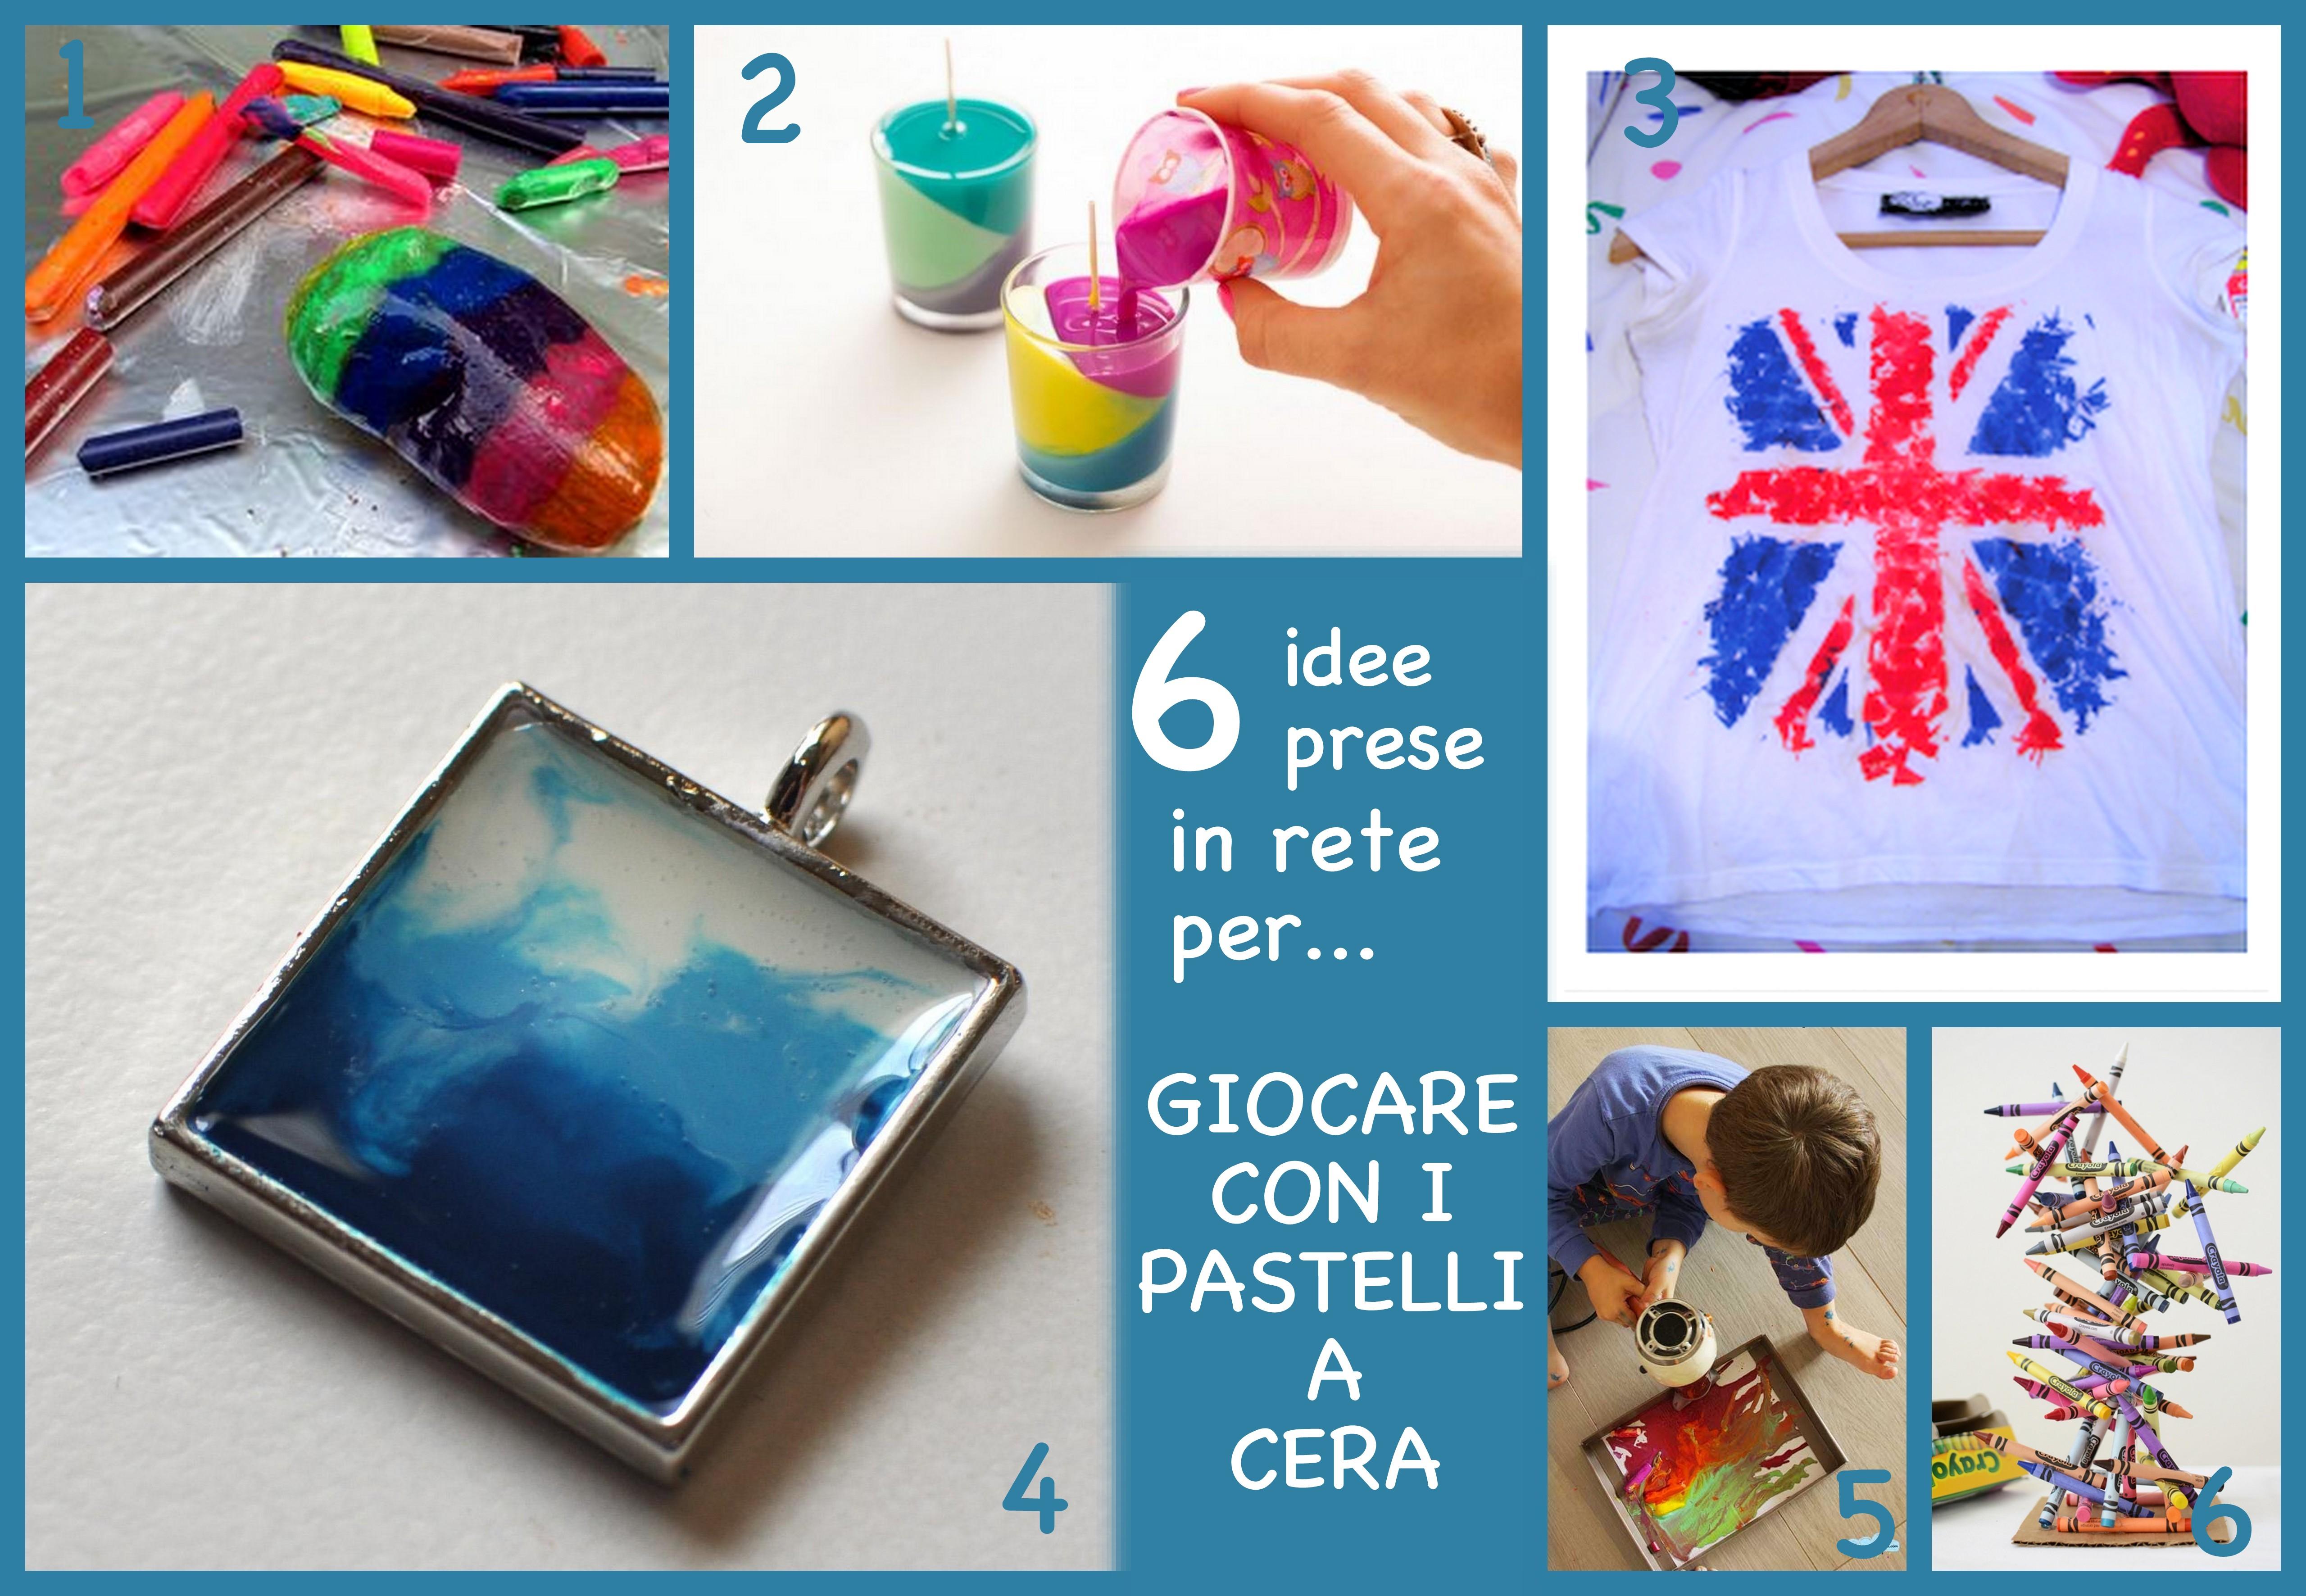 6 idee per giocare e riciclare pastelli a cera